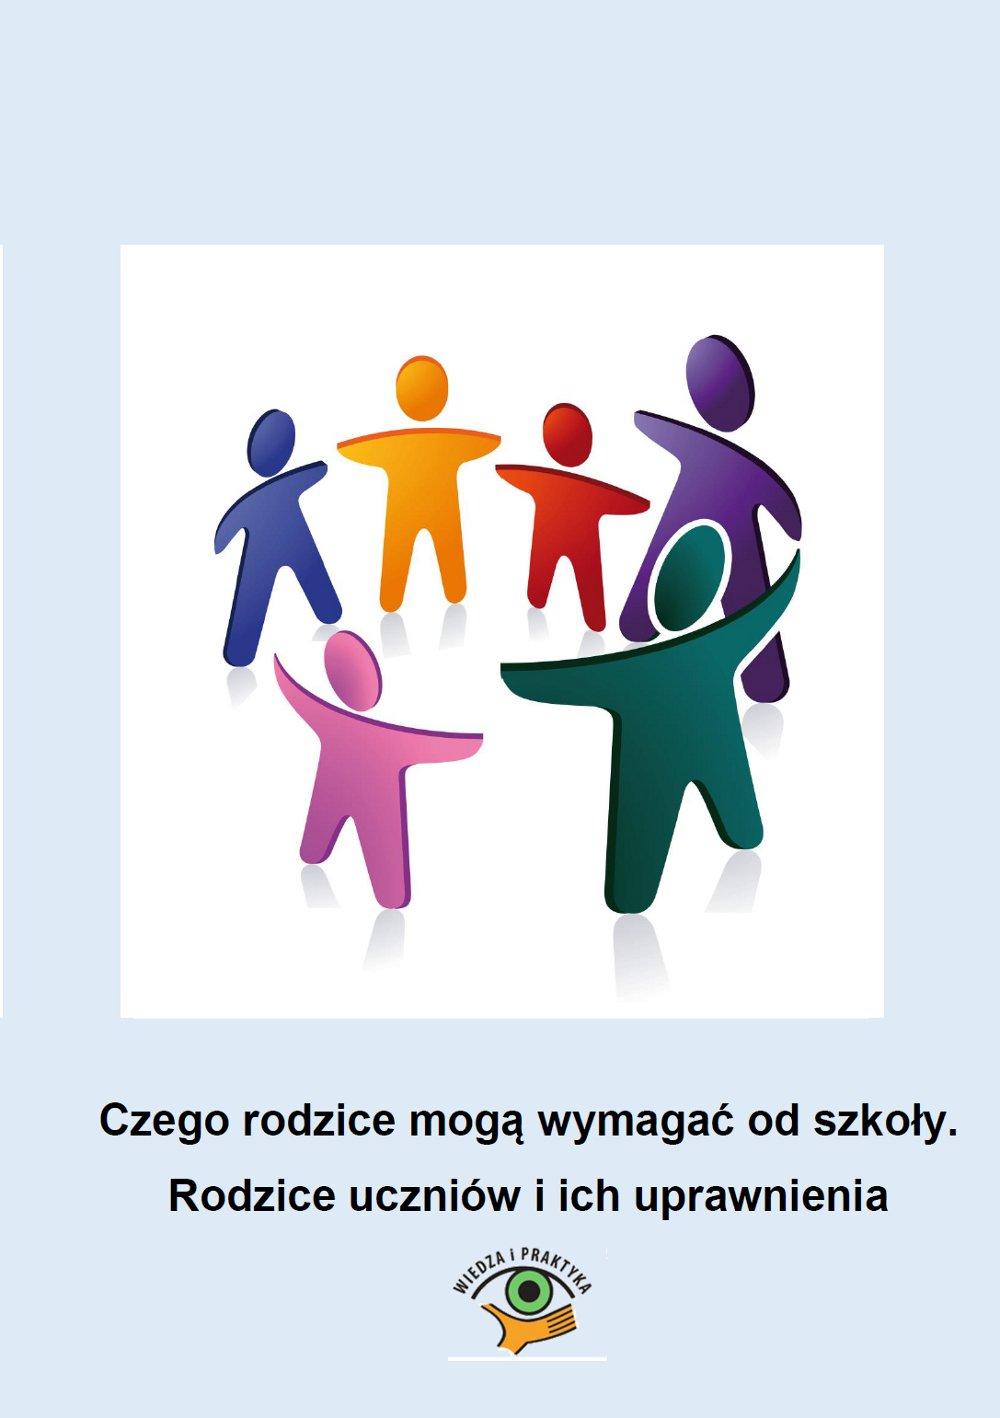 Czego rodzice mogą wymagać od szkoły. Rodzice uczniów i ich uprawnienia - Ebook (Książka PDF) do pobrania w formacie PDF